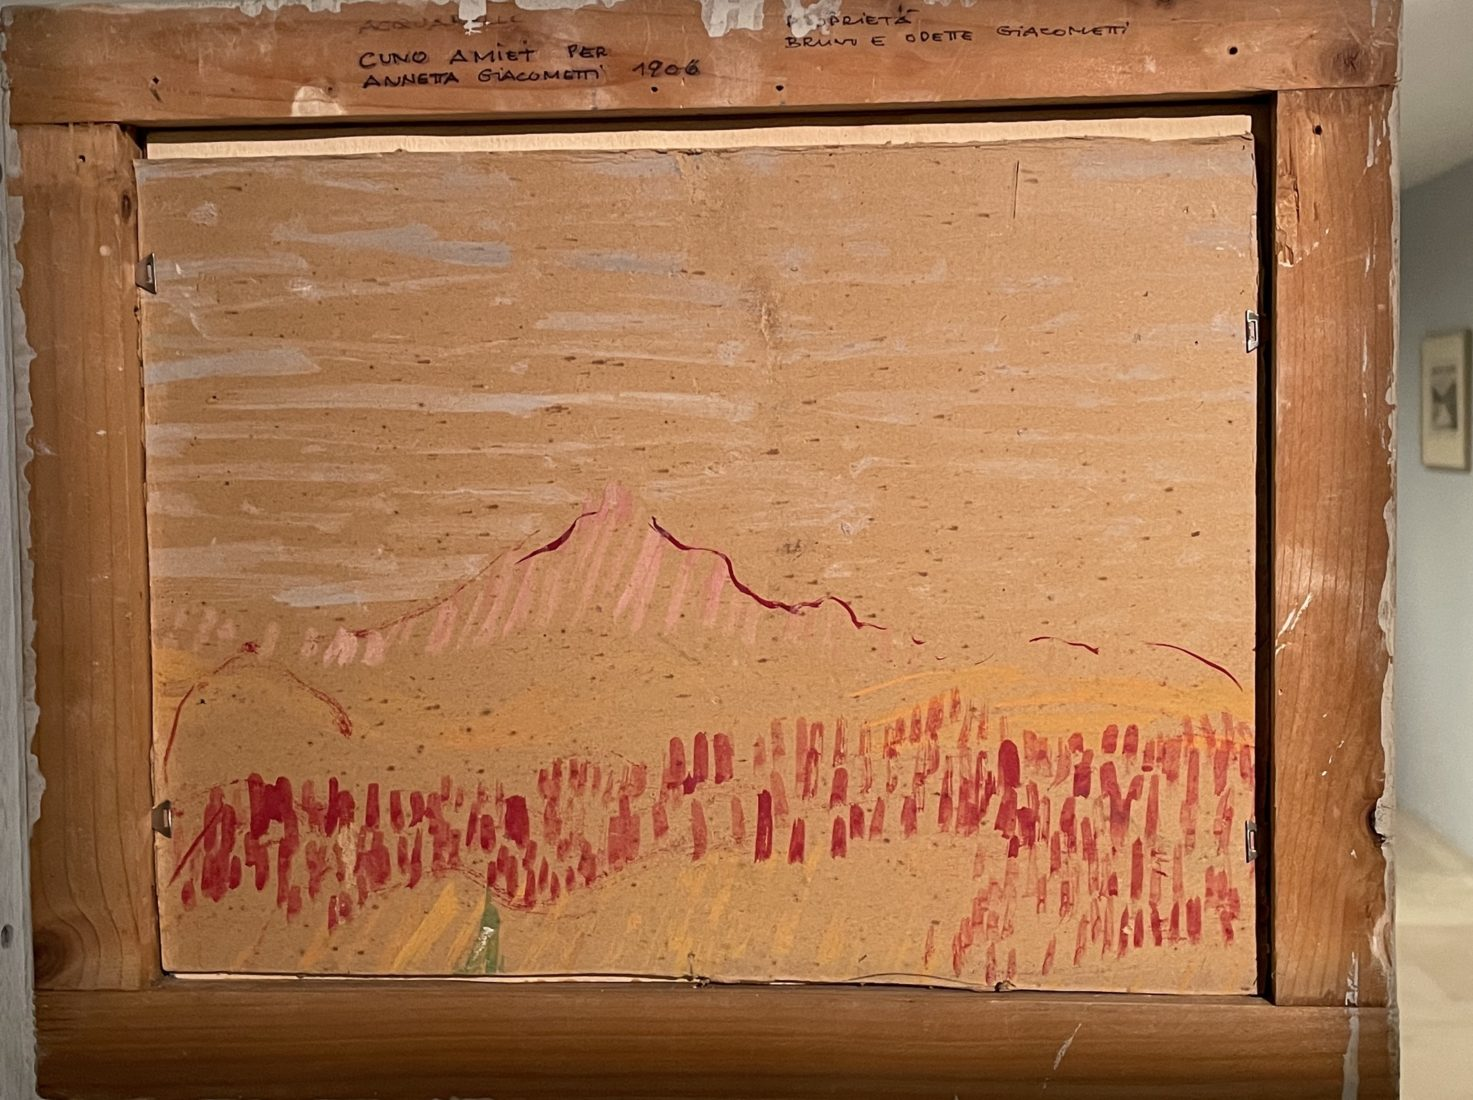 Giovanni Giacometti ou Cunio Amiet. Esquisse au dos du tableau Lac de Sils avec montagne